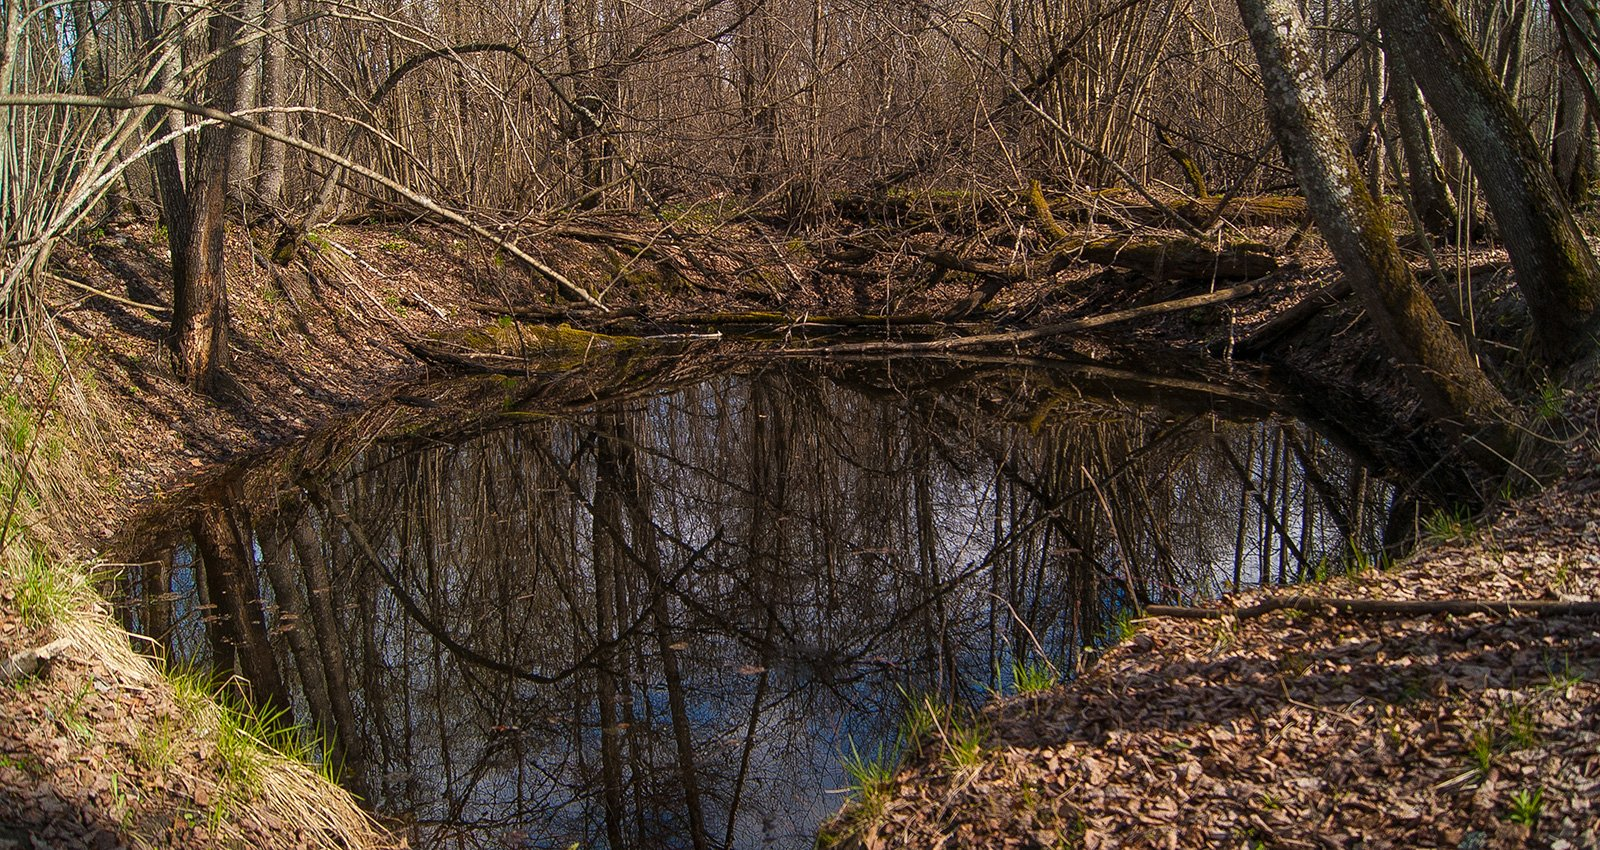 небольшое озерко, когда-то бывшее омутом реки